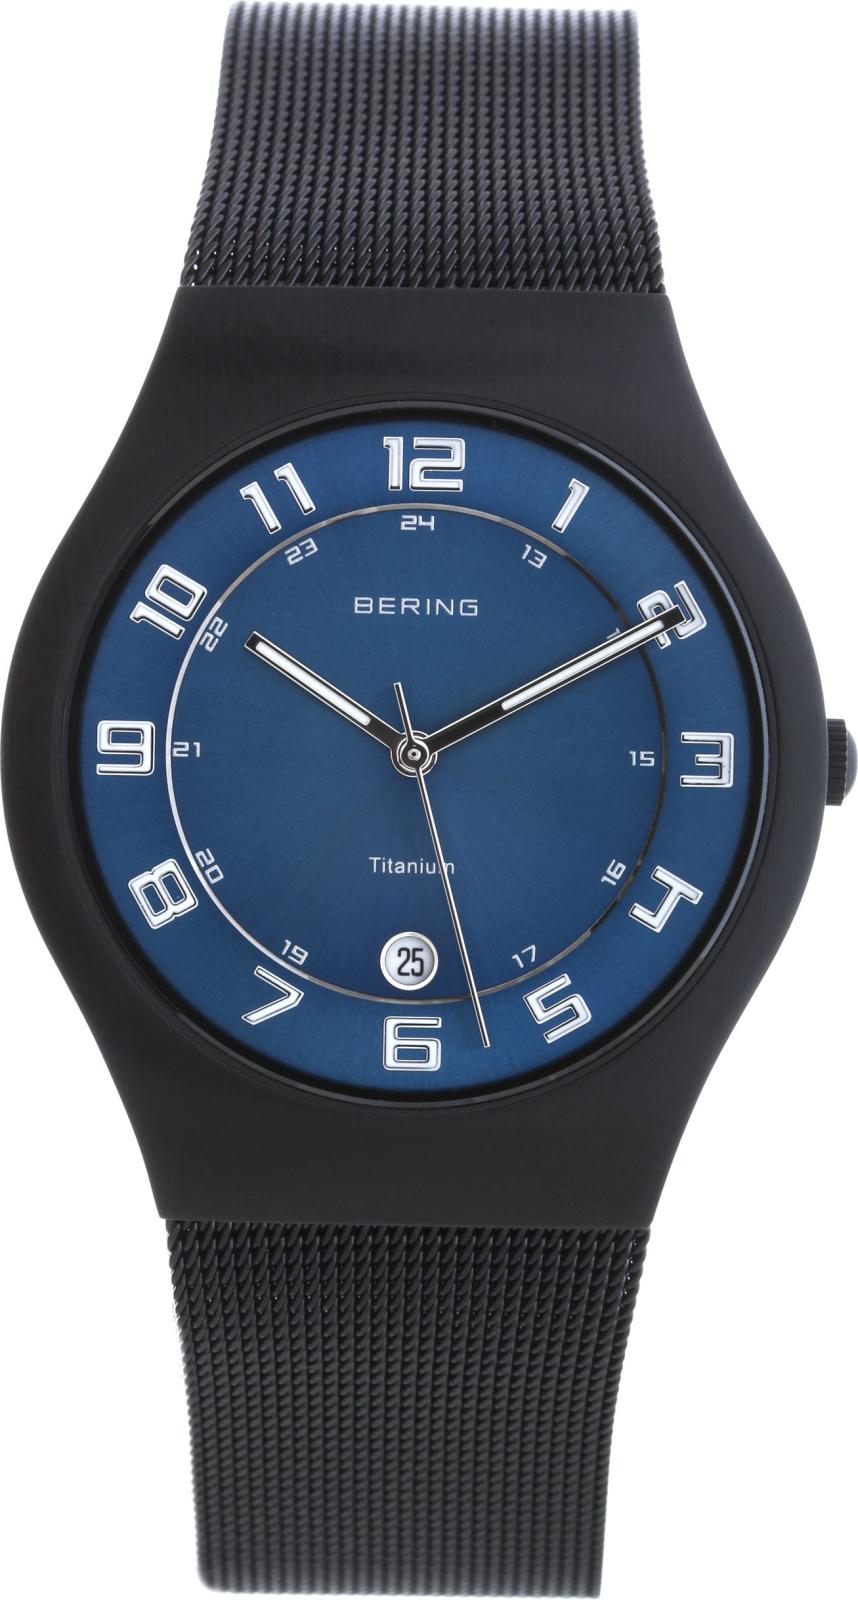 Bering Titanium 11937-227Наручные часы<br>Датские часы Bering Titanium 11937-227<br><br>Пол: Мужские<br>Страна-производитель: Дания<br>Механизм: Кварцевый<br>Материал корпуса: Титан<br>Материал ремня/браслета: Сталь<br>Водозащита, диапазон: 20 - 100 м<br>Стекло: Сапфировое<br>Толщина корпуса: None<br>Стиль: Классика